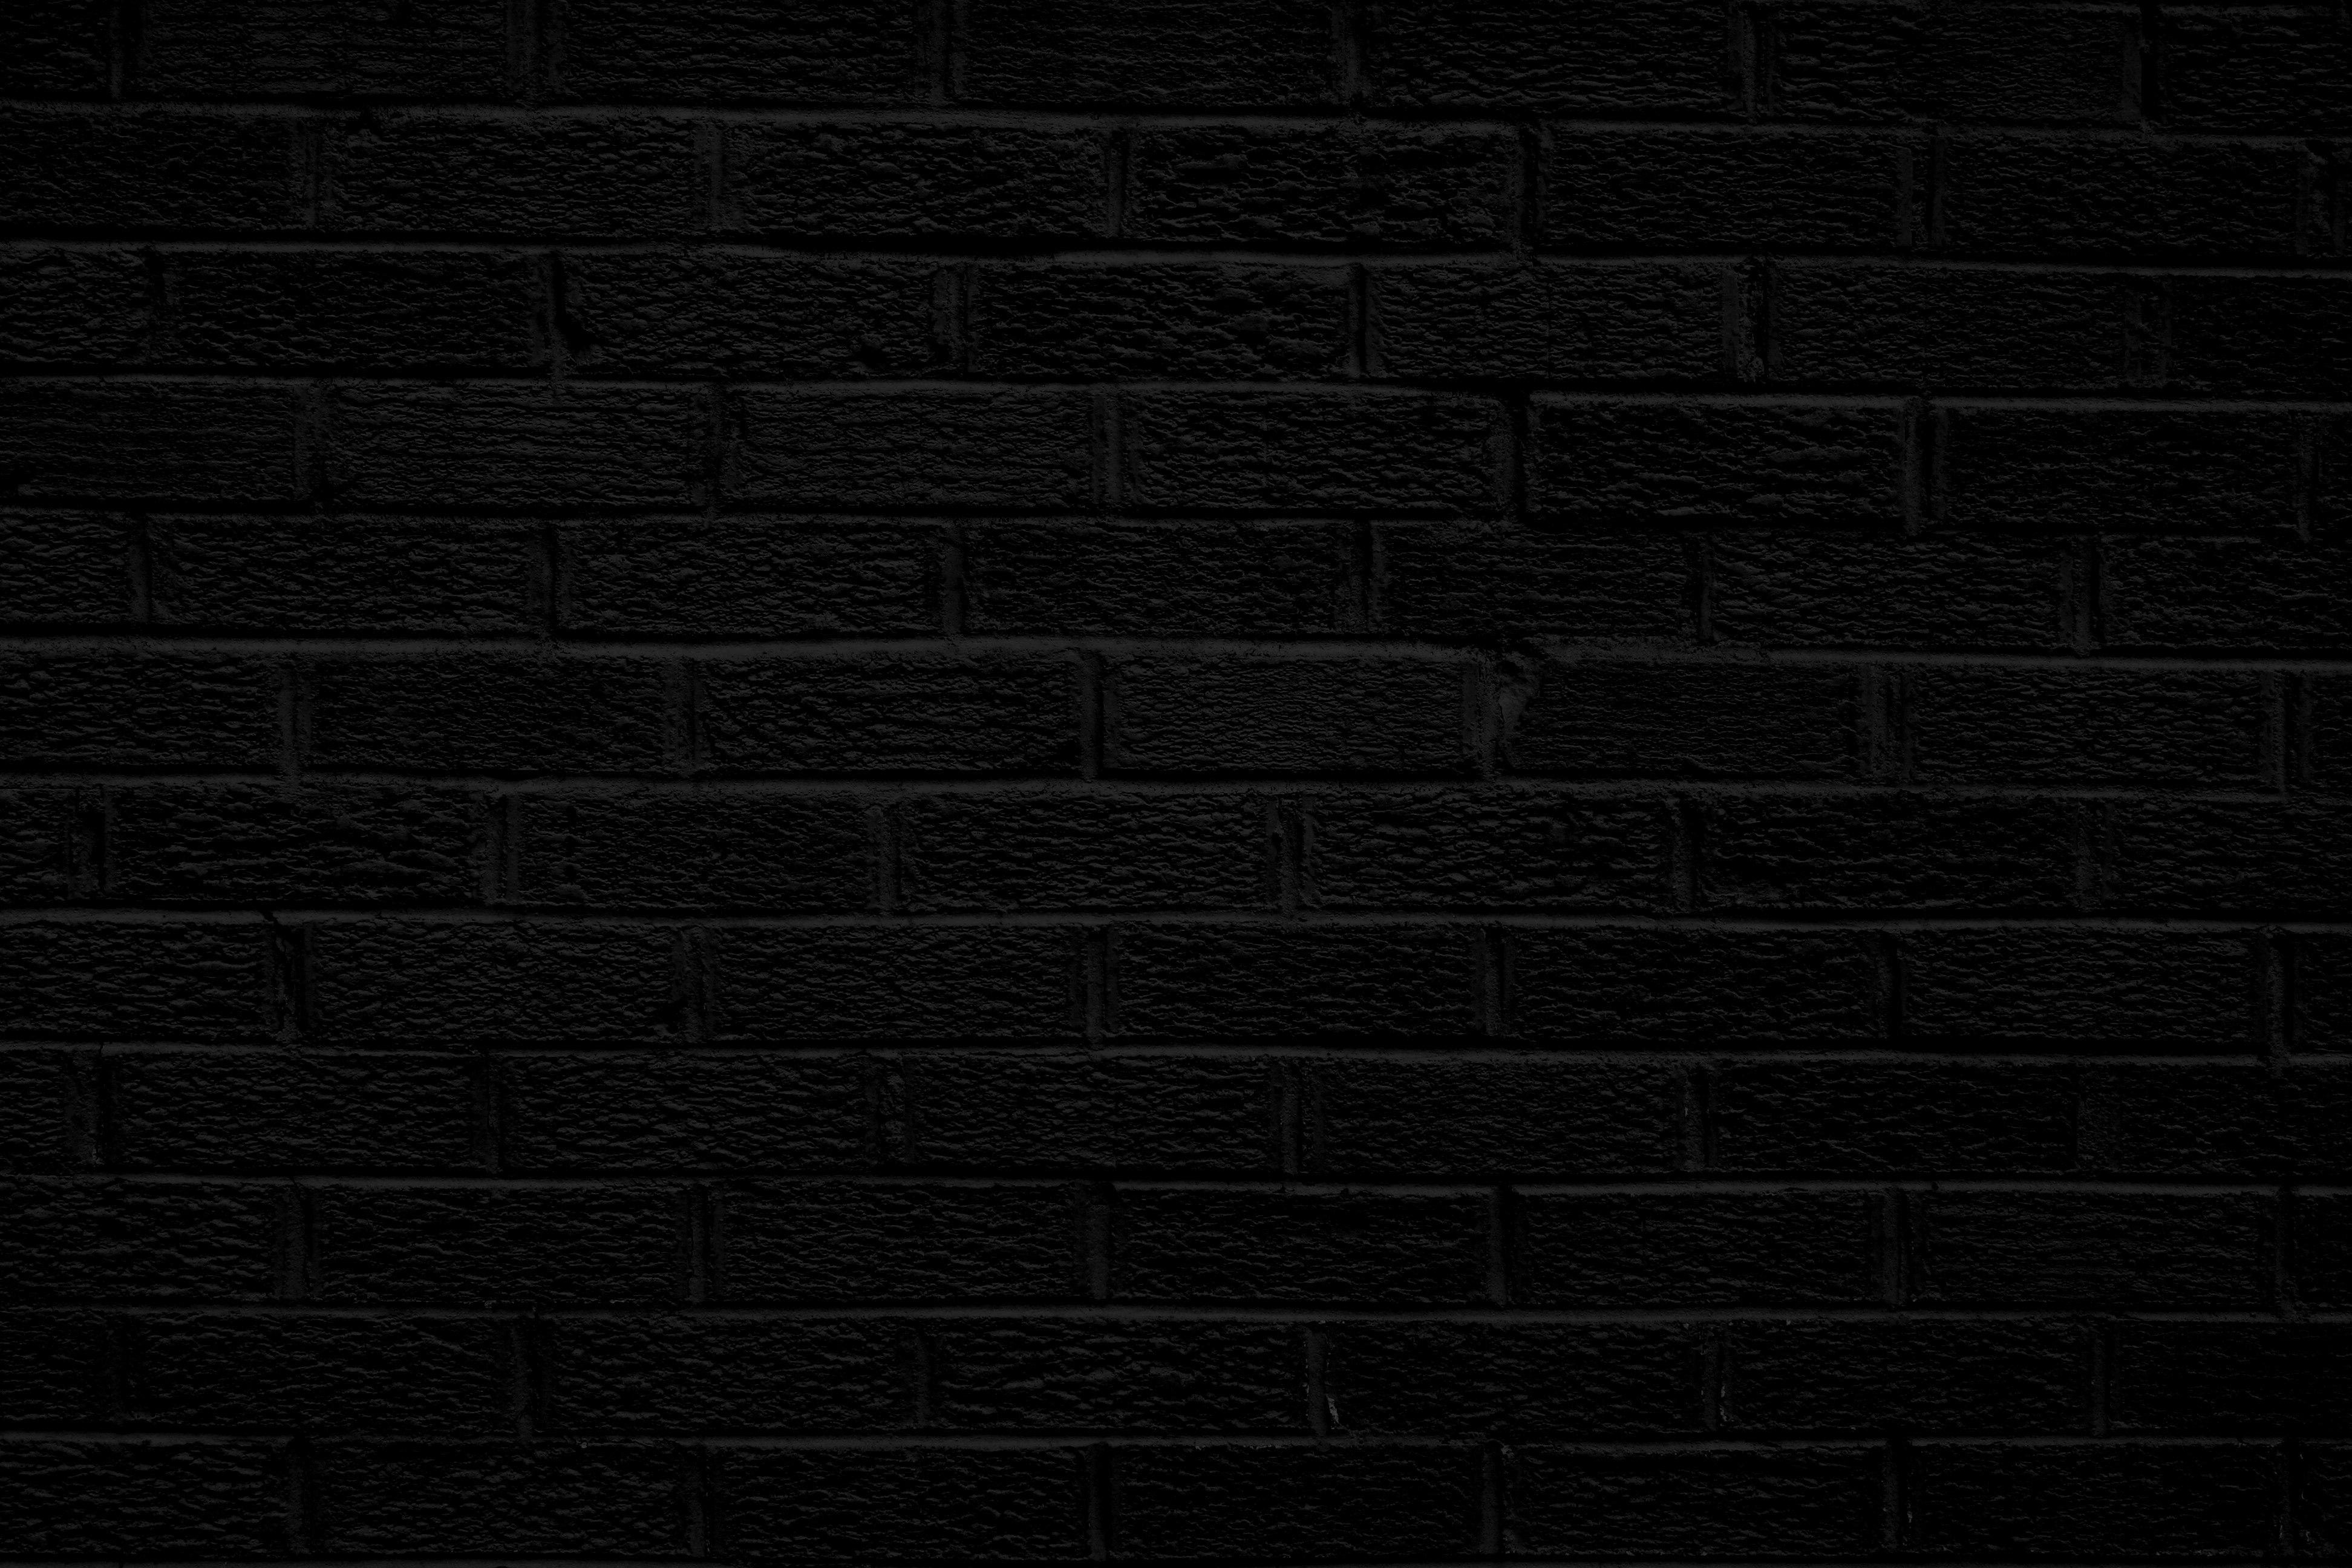 Black Brick Wall Texture Picture Photograph Photos Public 3888x2592